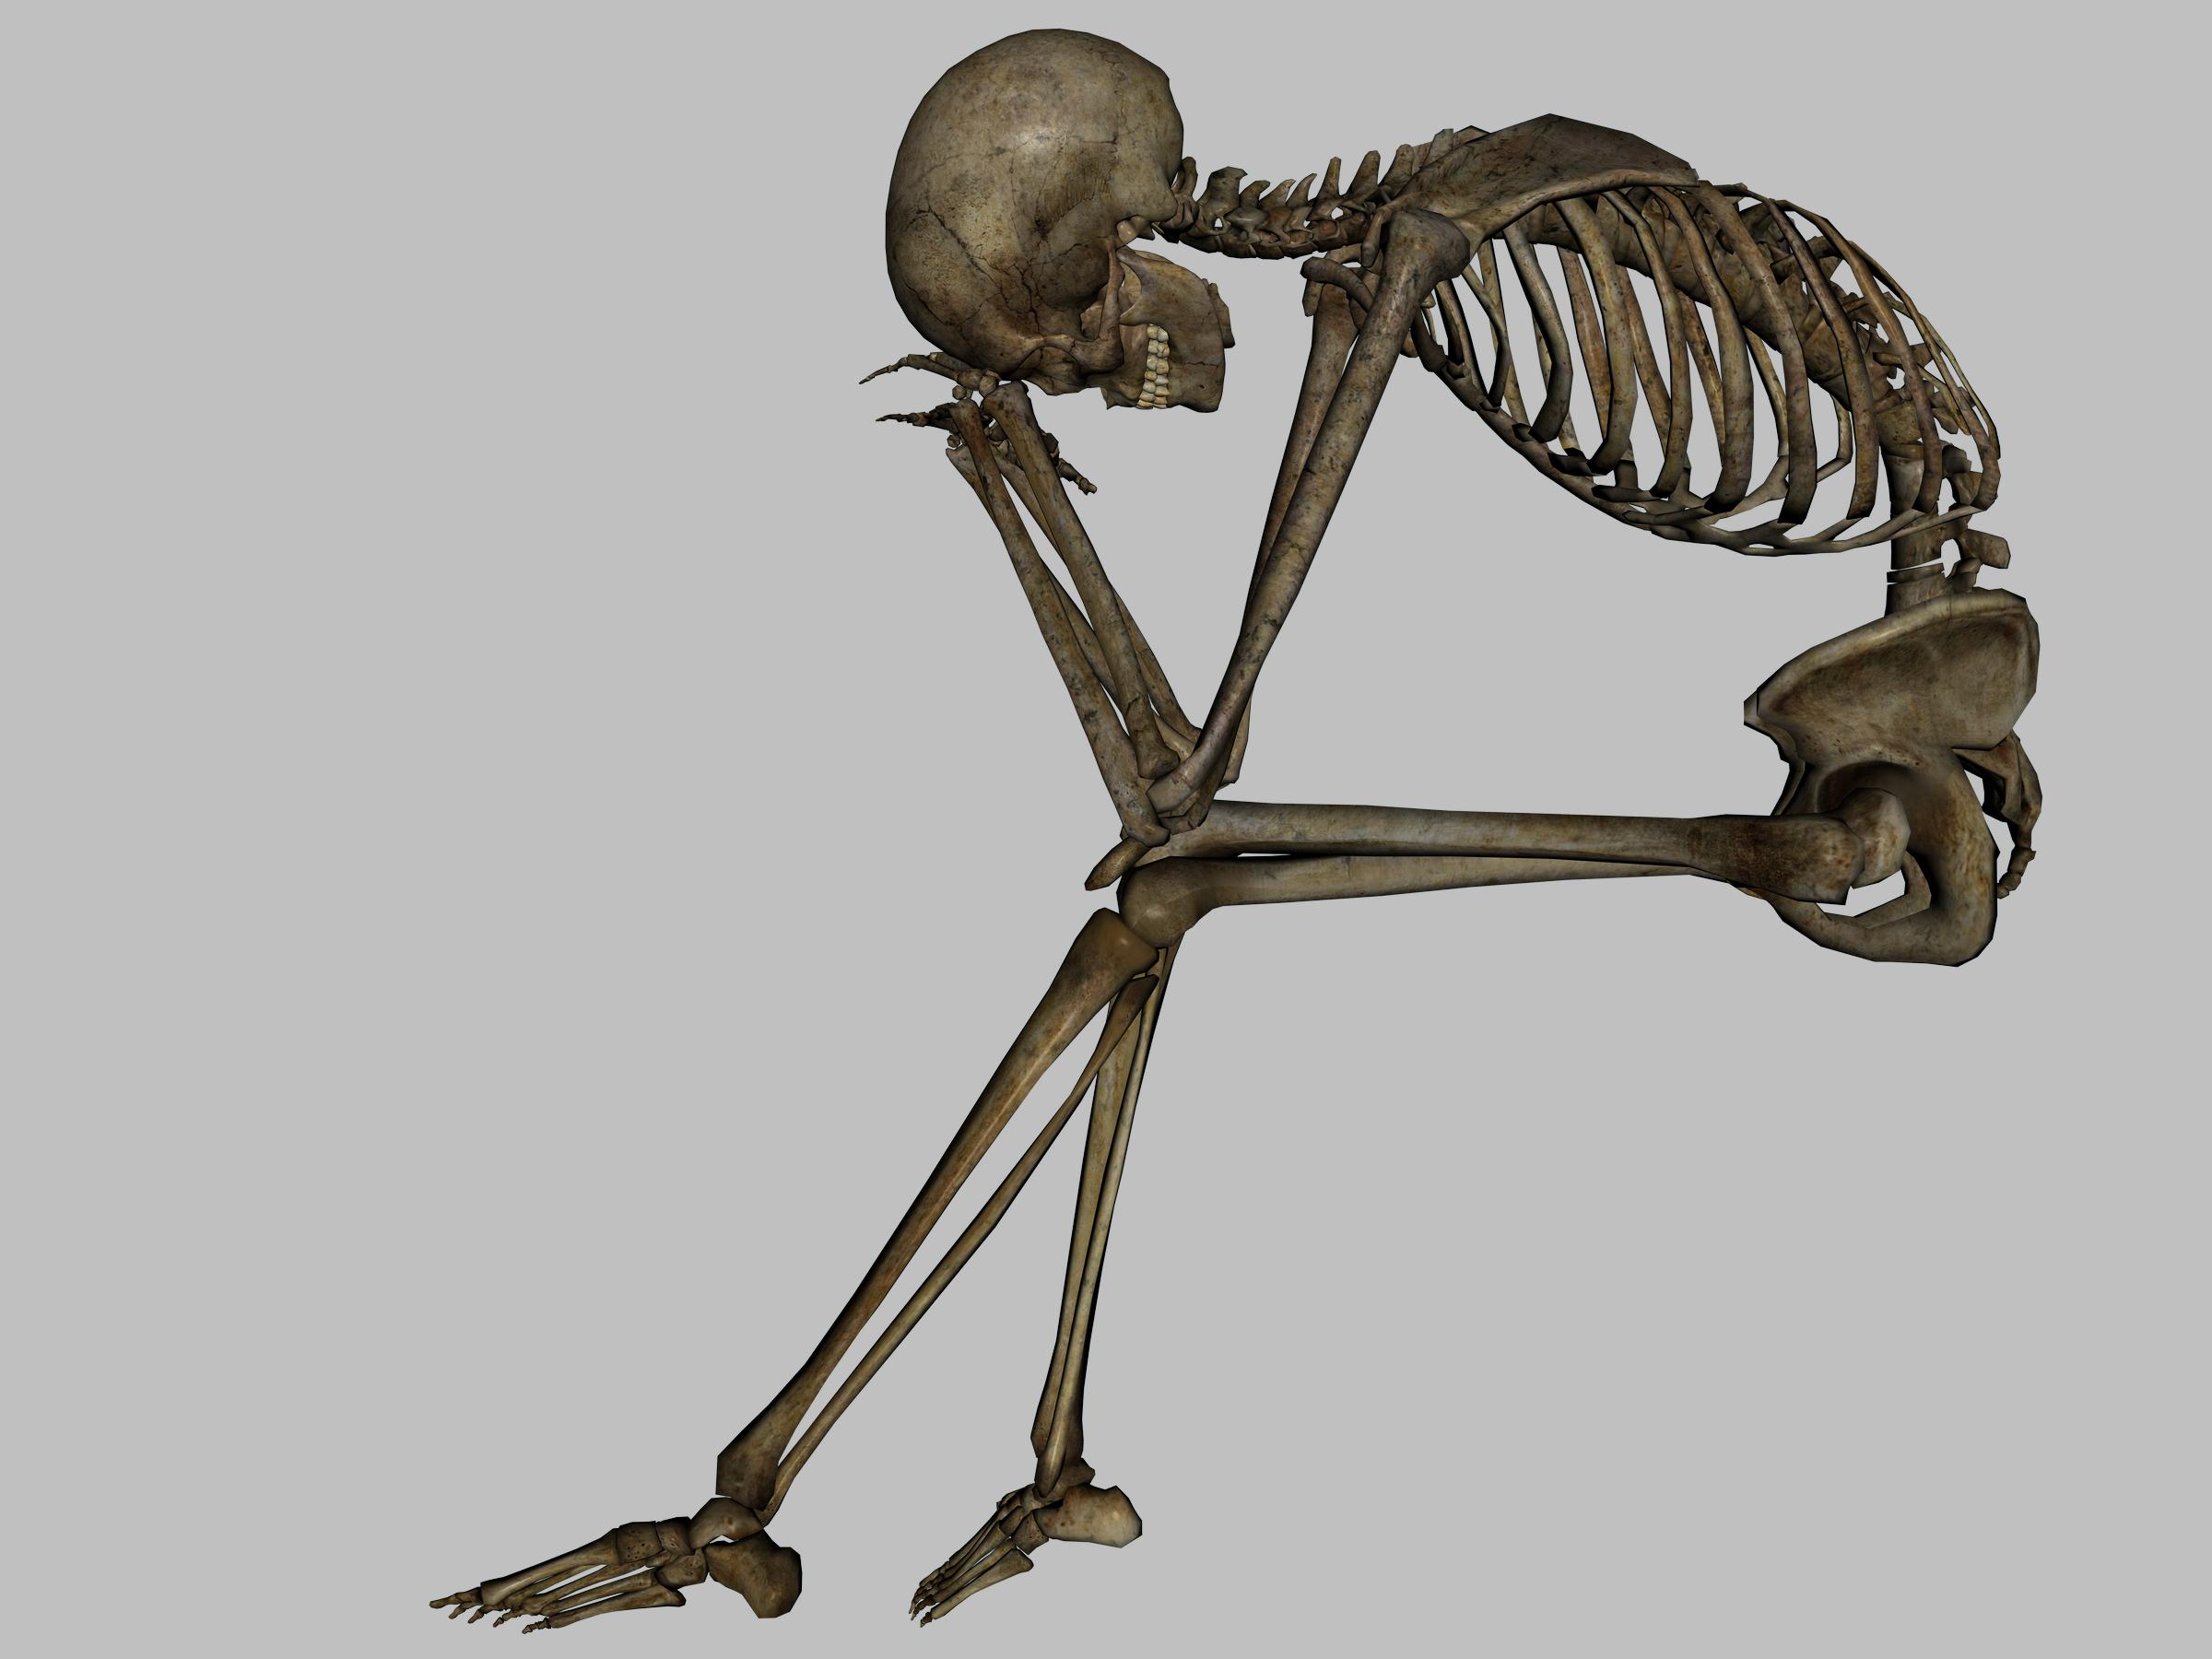 Skeleton - Shes Dead Too - JPG